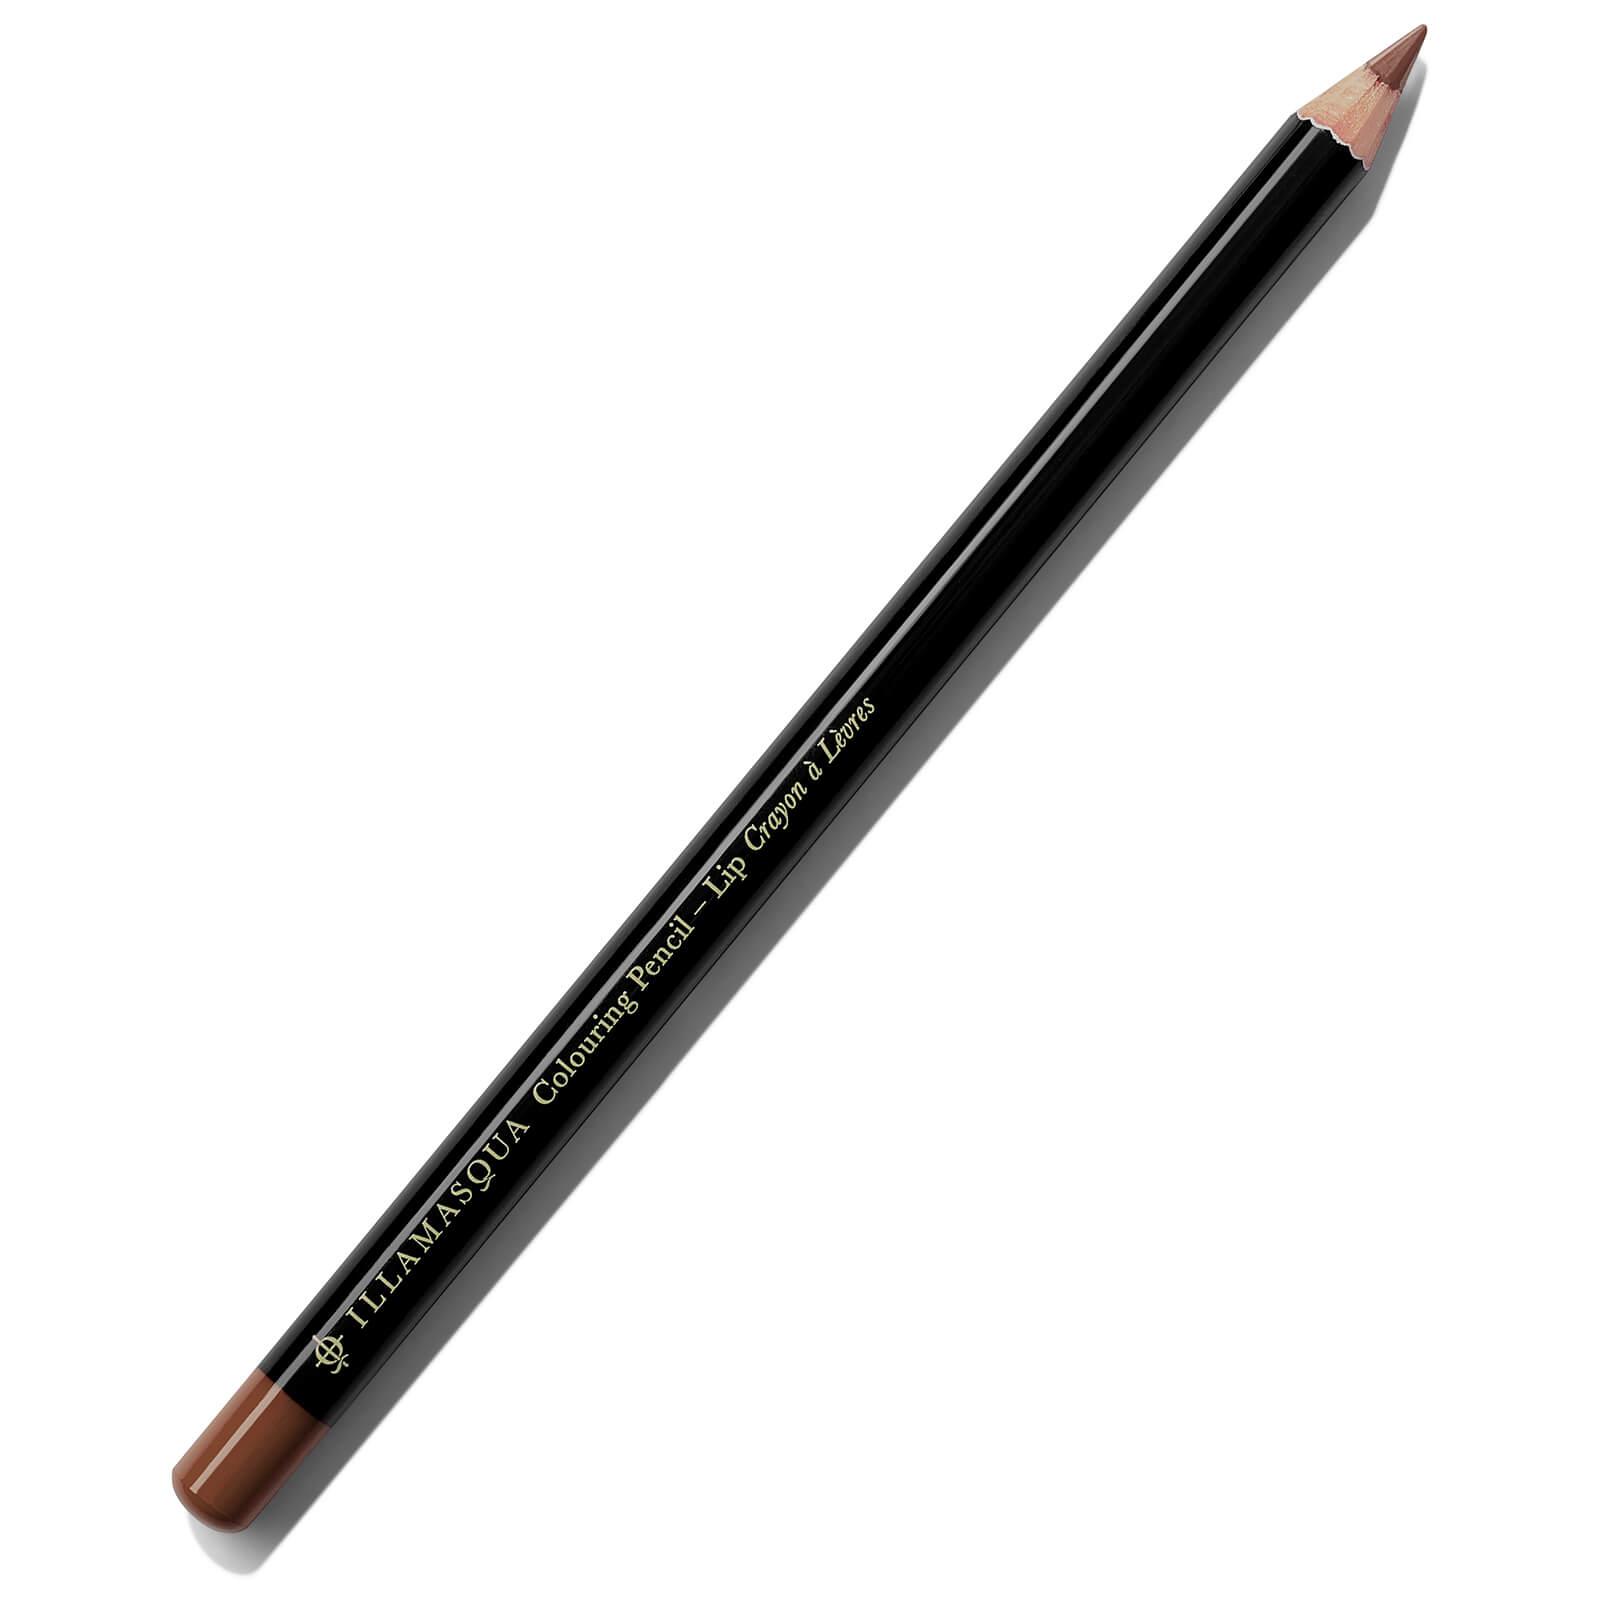 Купить Карандаш для губ Illamasqua Colouring Lip Pencil 1, 4 г (различные оттенки) - Revealed